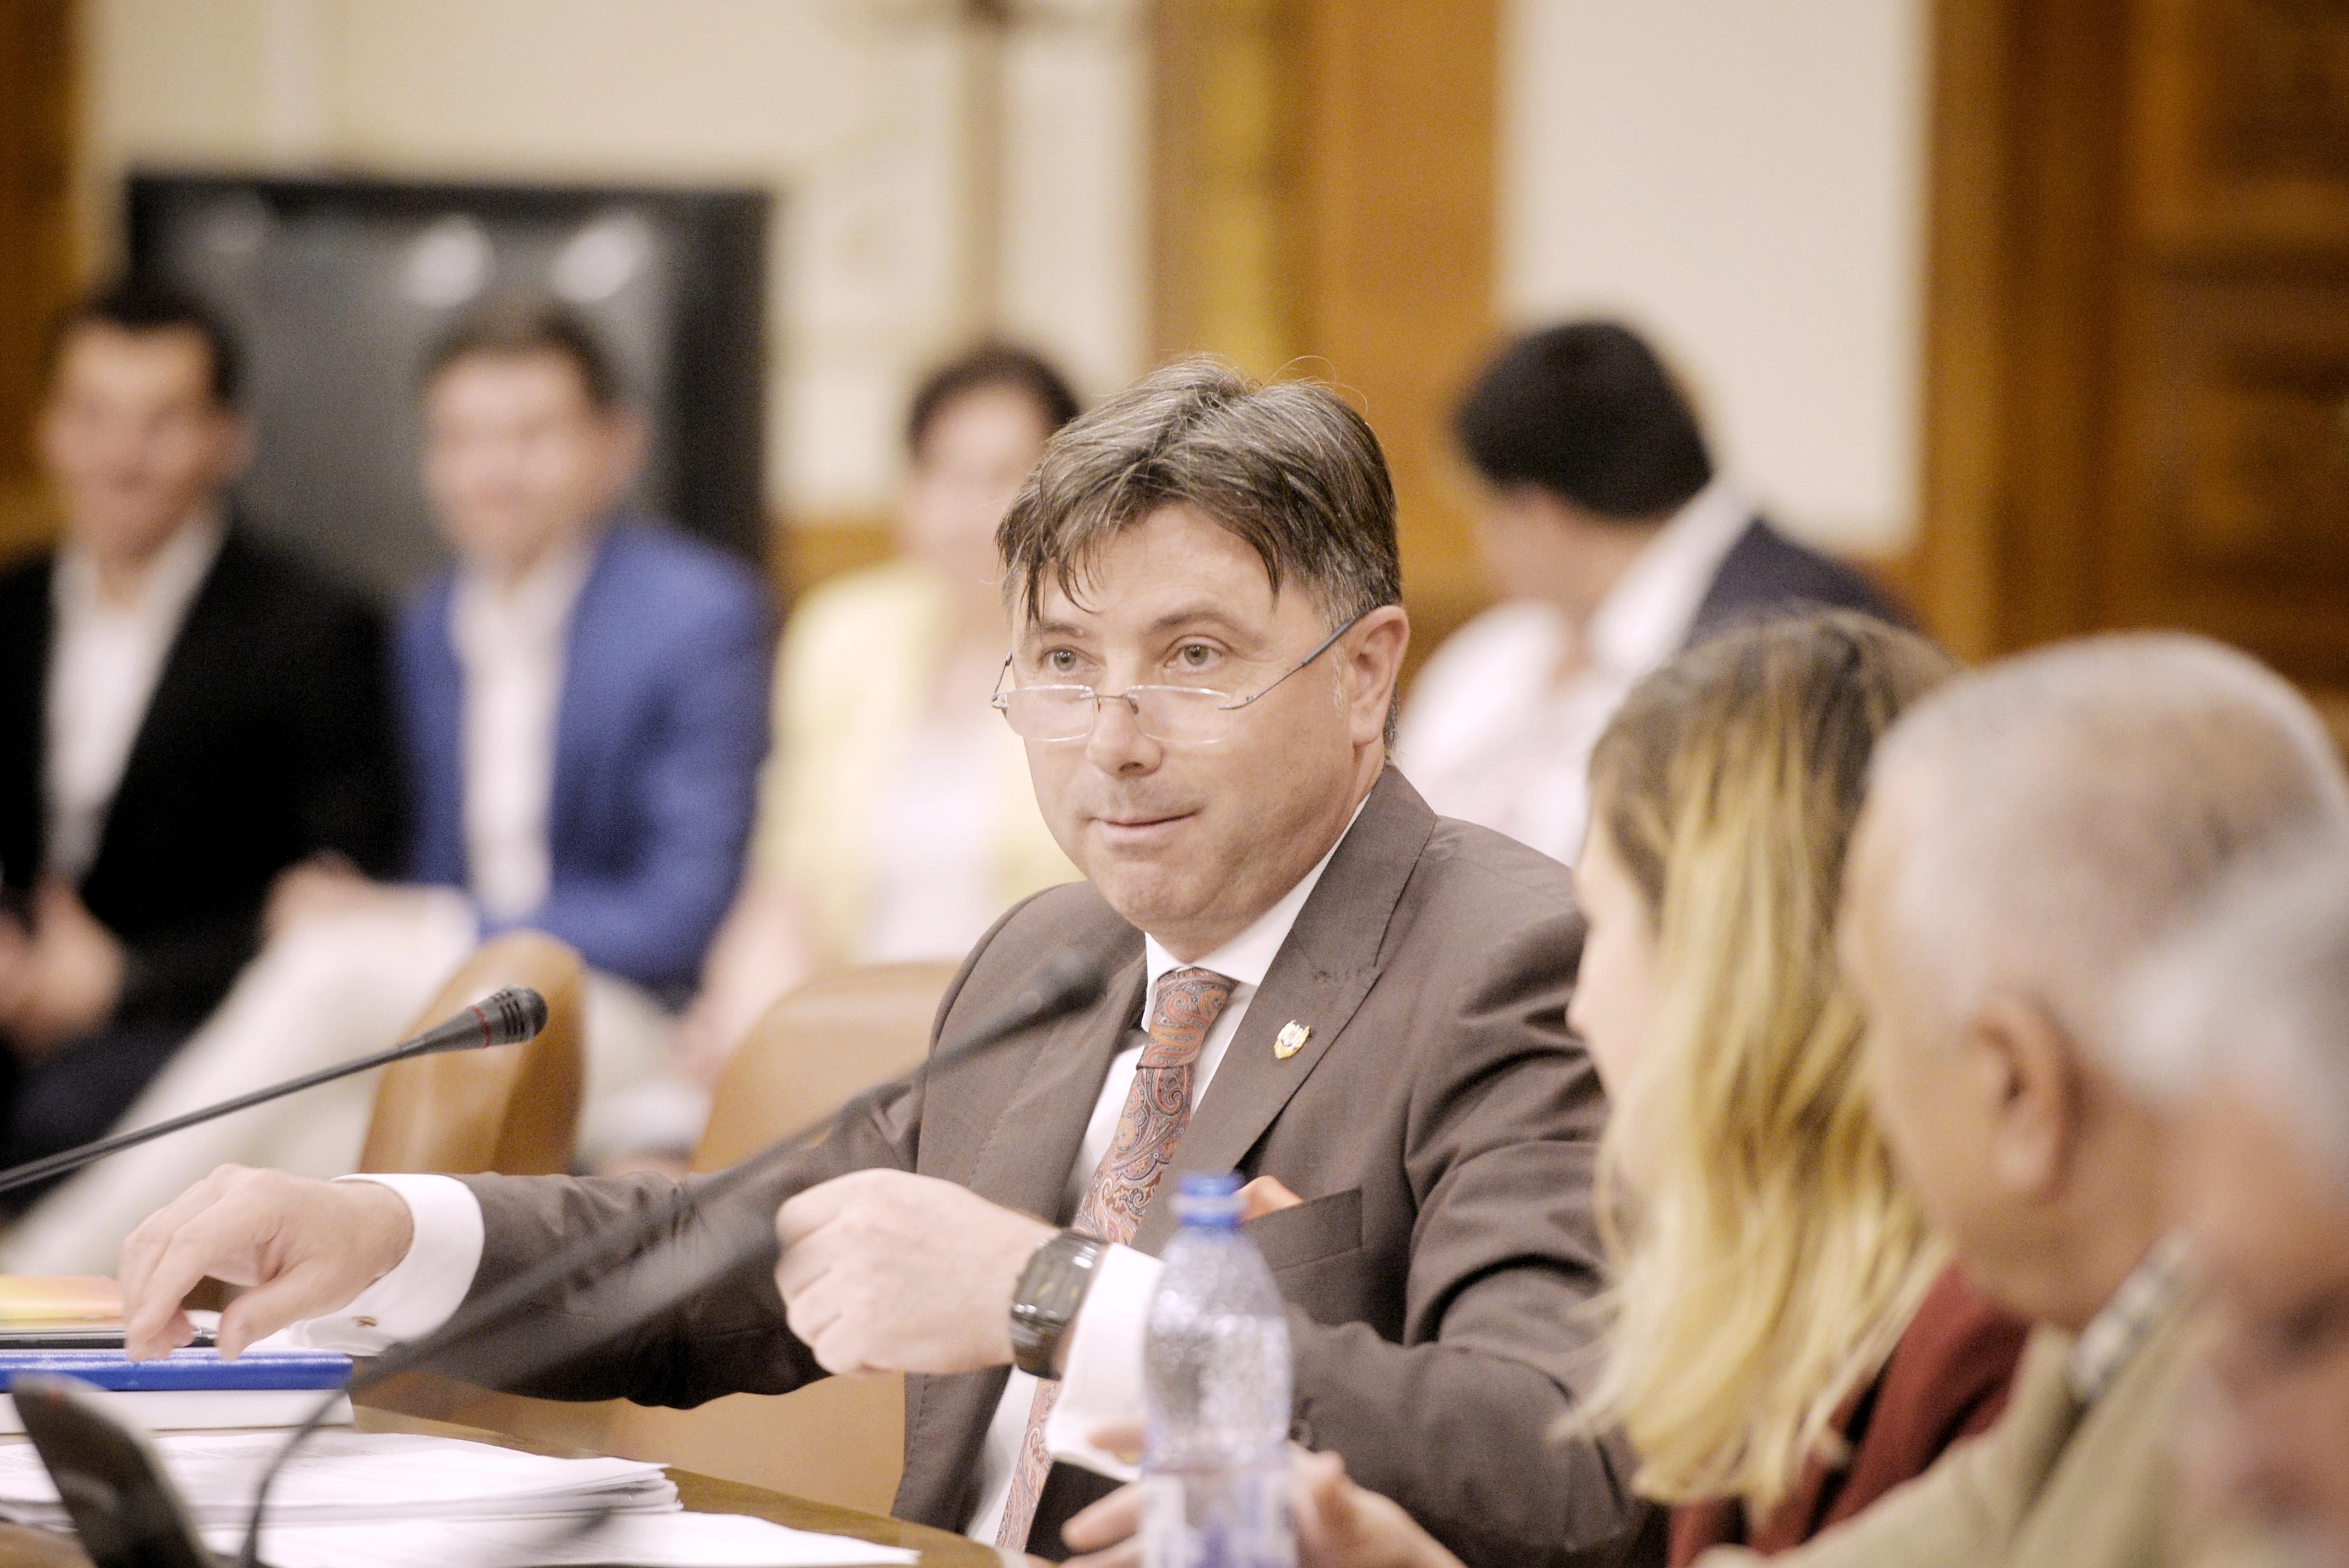 VIDEO   Ministrul pentru Relaţia cu Parlamentul, Viorel Ilie, este audiat în Comisia juridică a Senatului/ Raportul Comisiei juridice va fi supus votului plenului Senatului